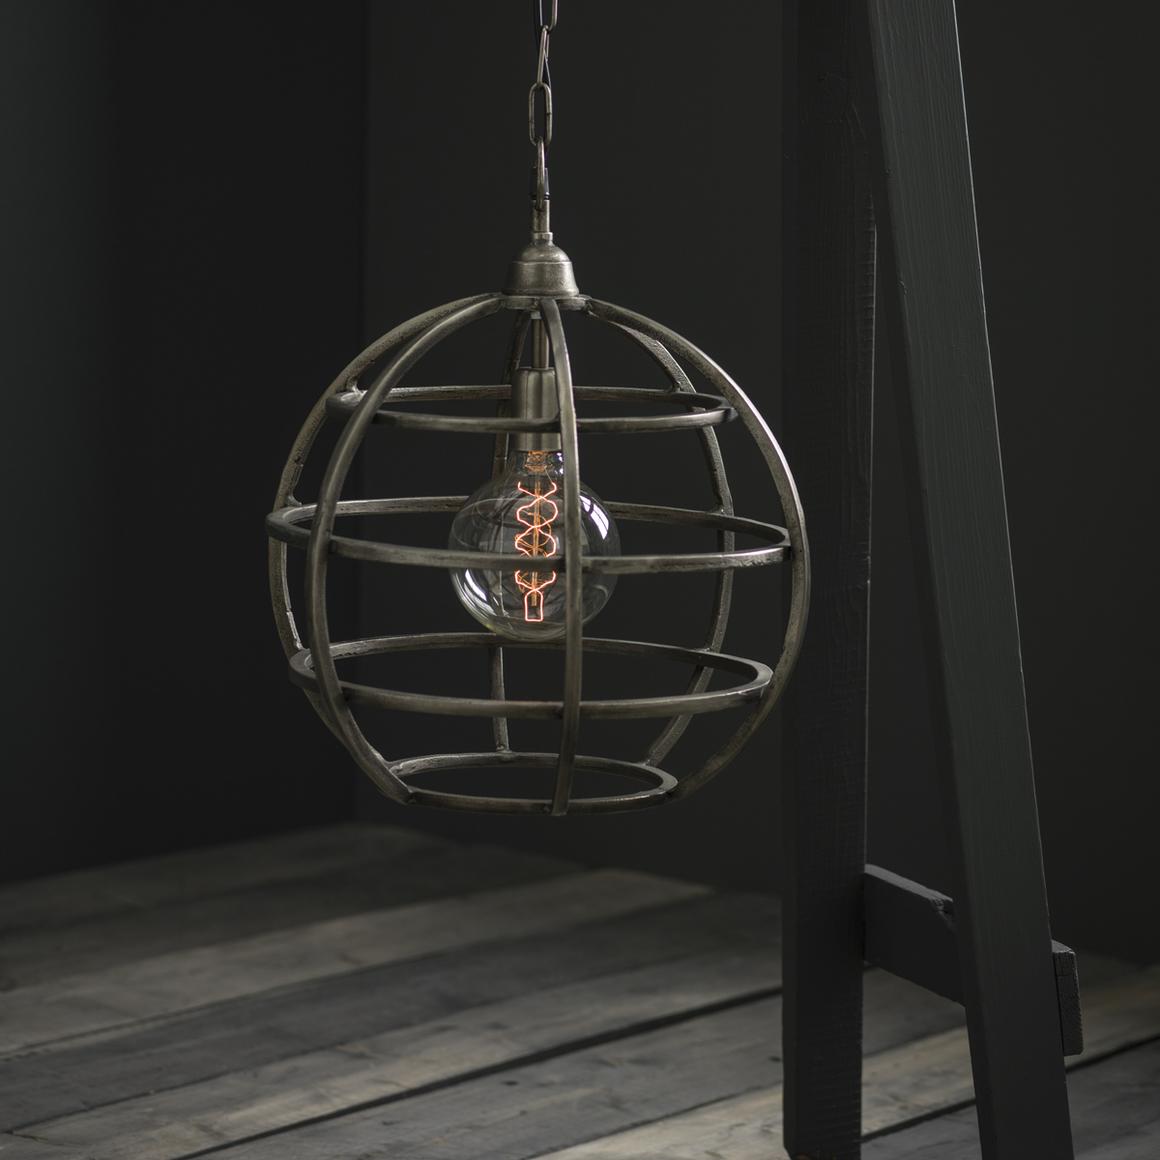 Taklampa Bristol, råsilver, 41 cm, 1995kr